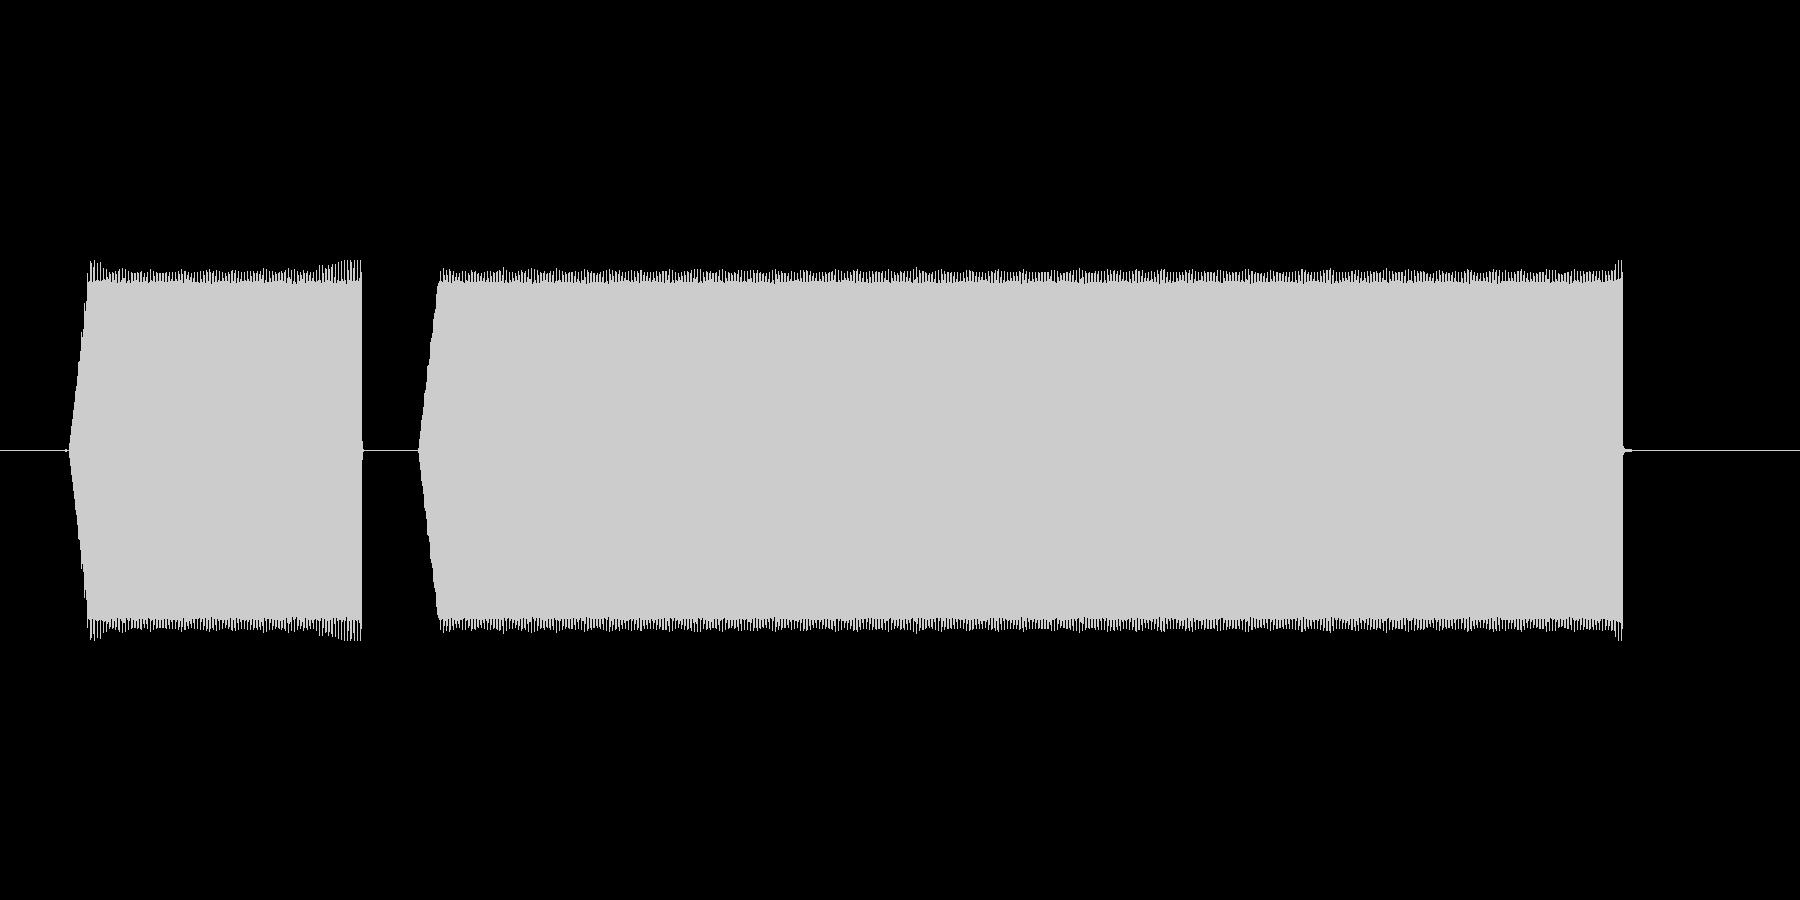 ピピーッ【電子音警告】の未再生の波形